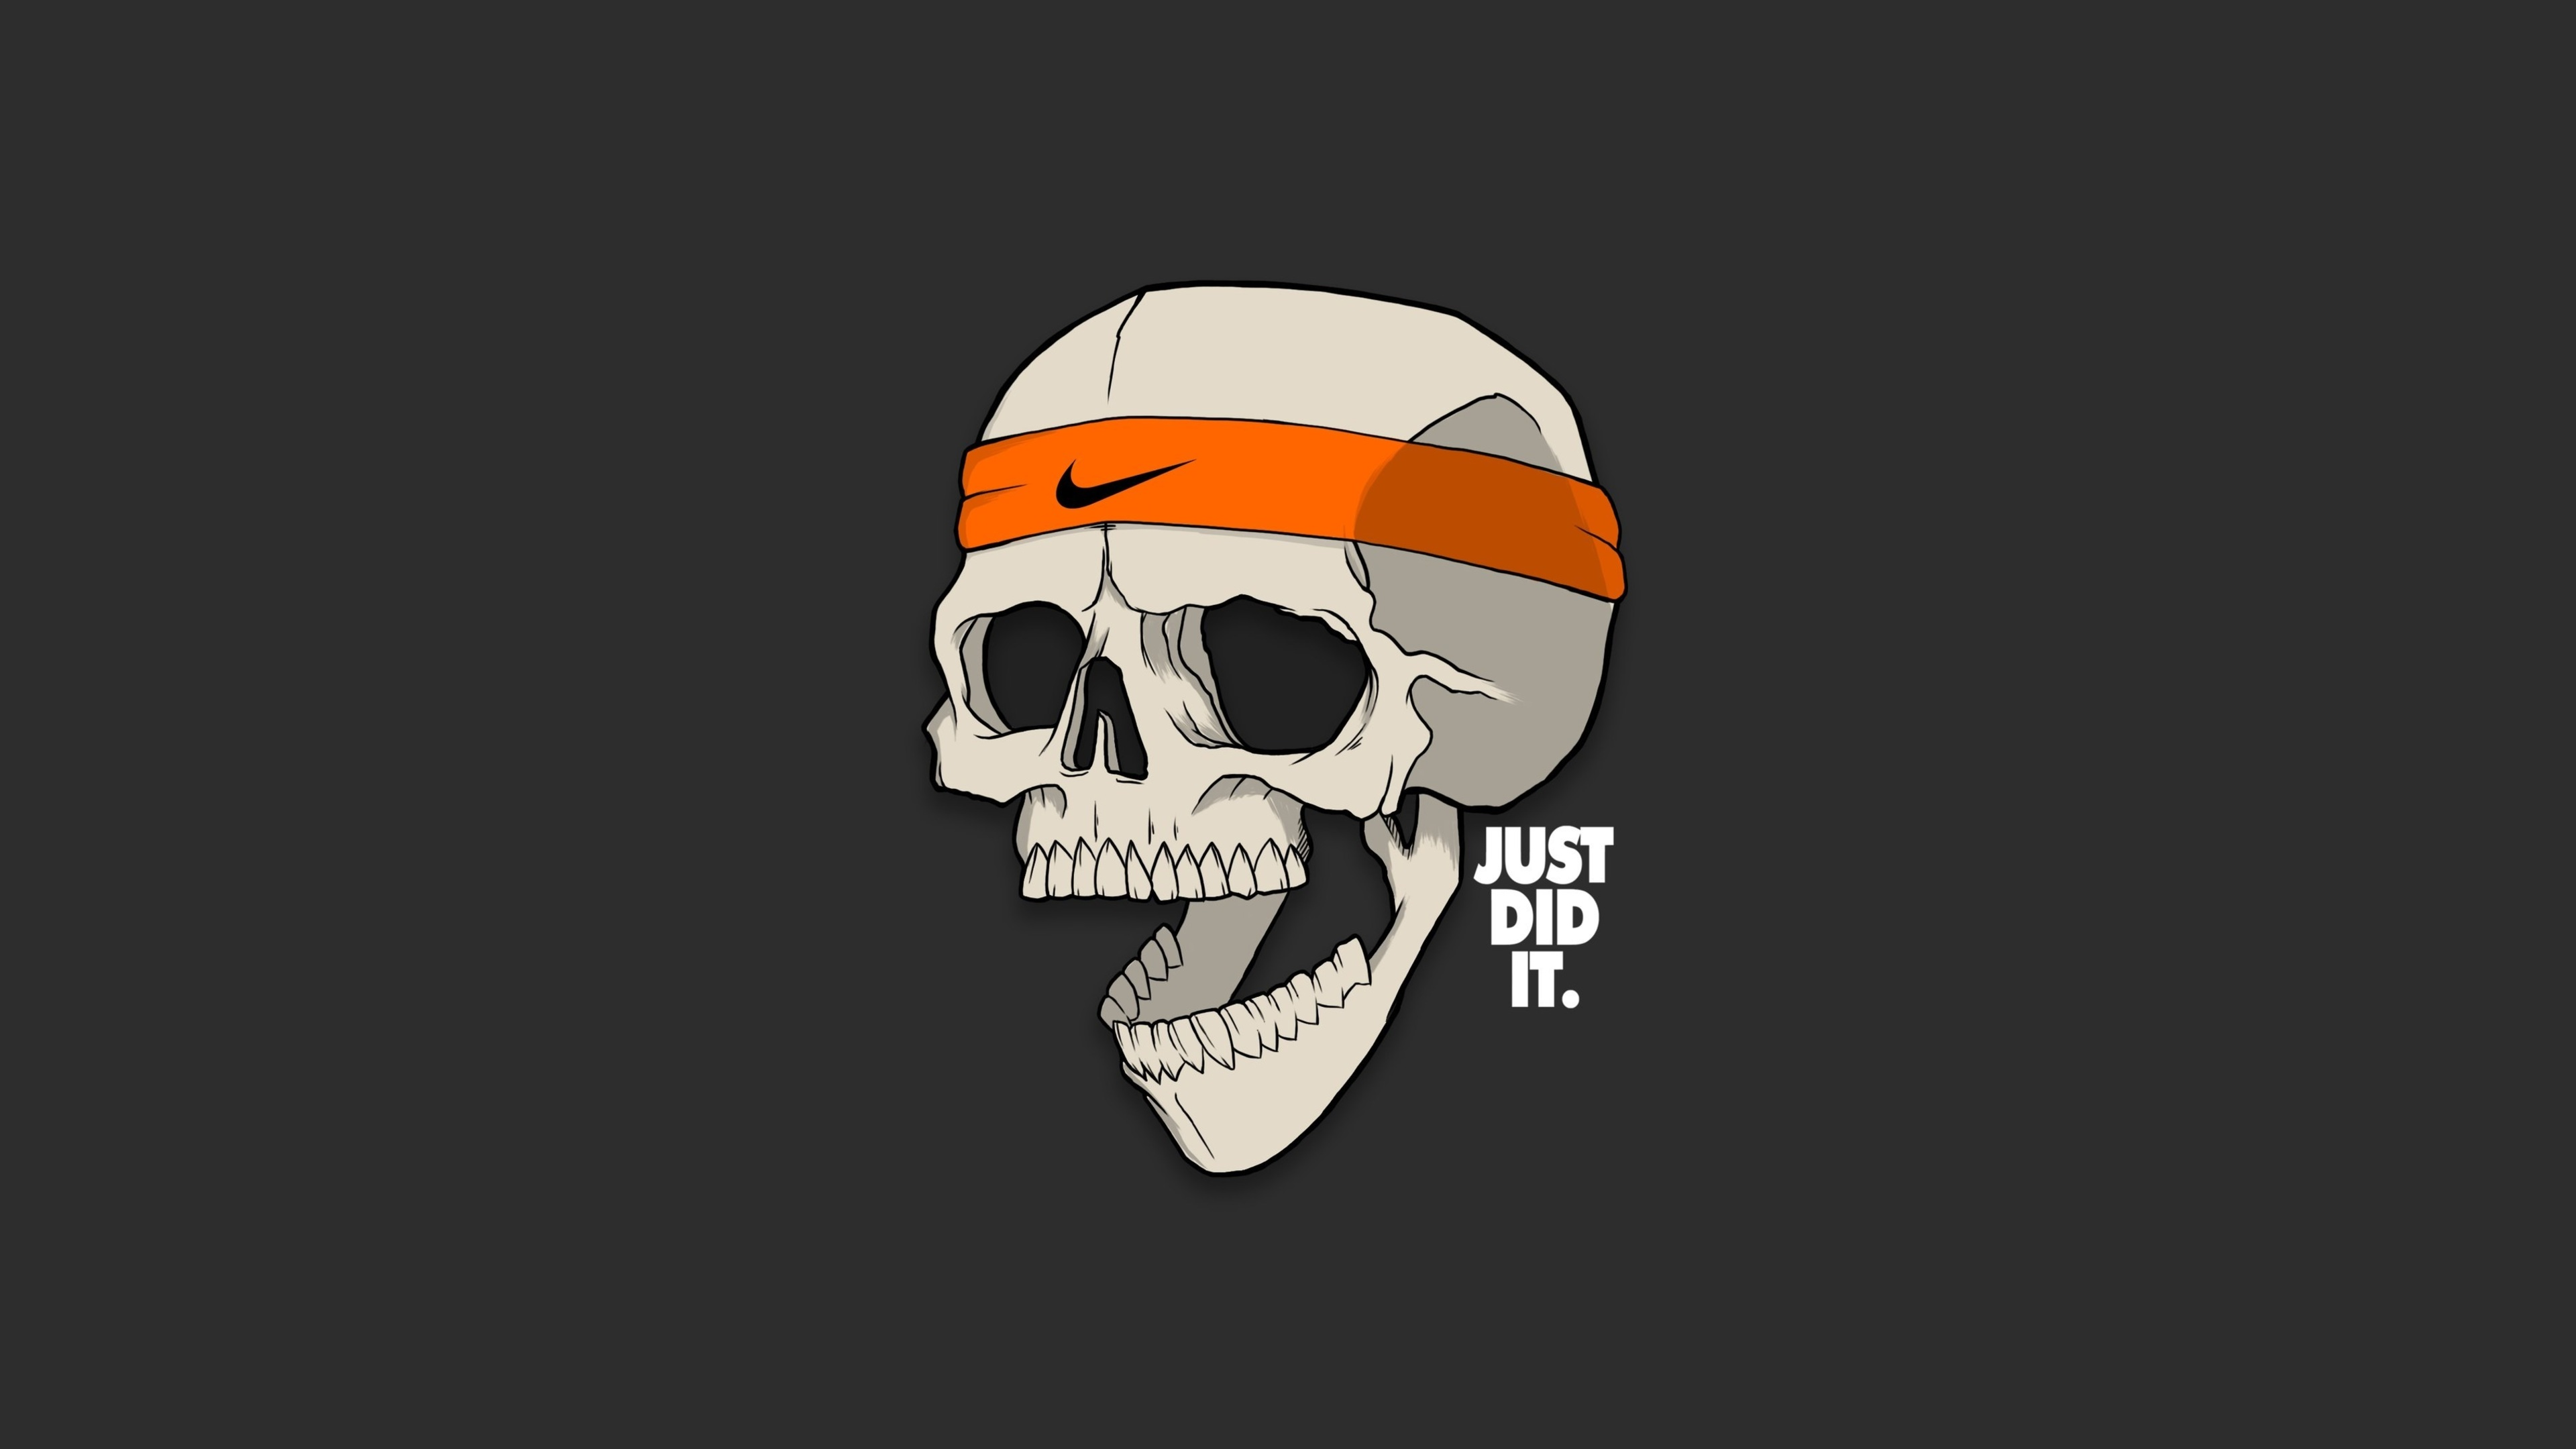 3840x2160 Skull Just Did It Minimalism 4k Hd 4k Wallpapers